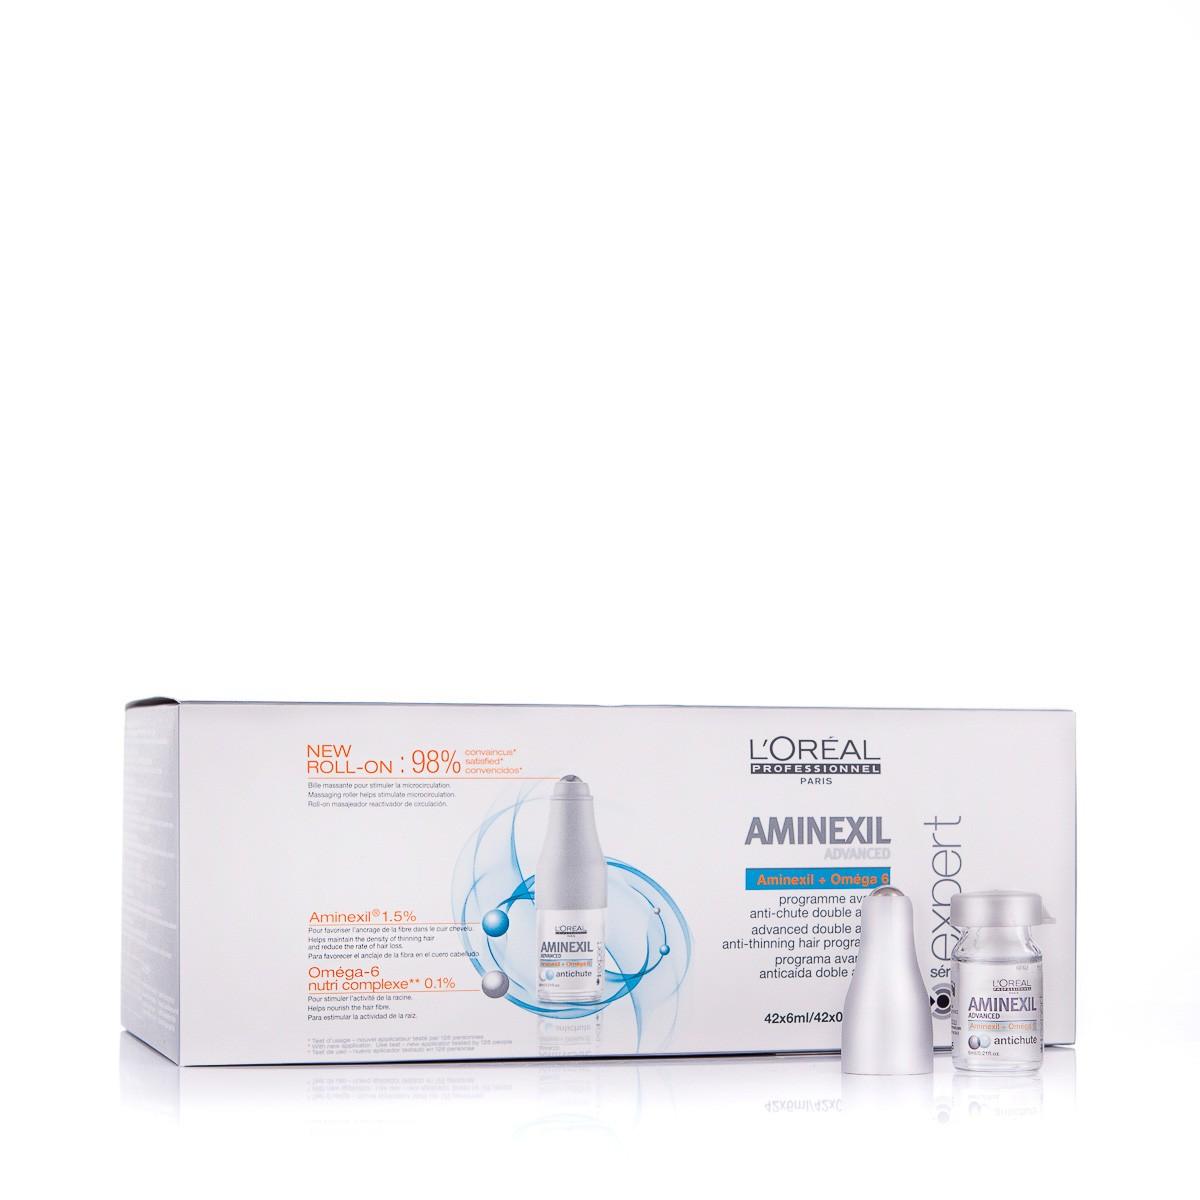 LOREAL Aminexil Advanced Anti-Thinning Hair Programme 42x6ml - Odżywcza kuracja zapobiegająca wypadaniu włosów